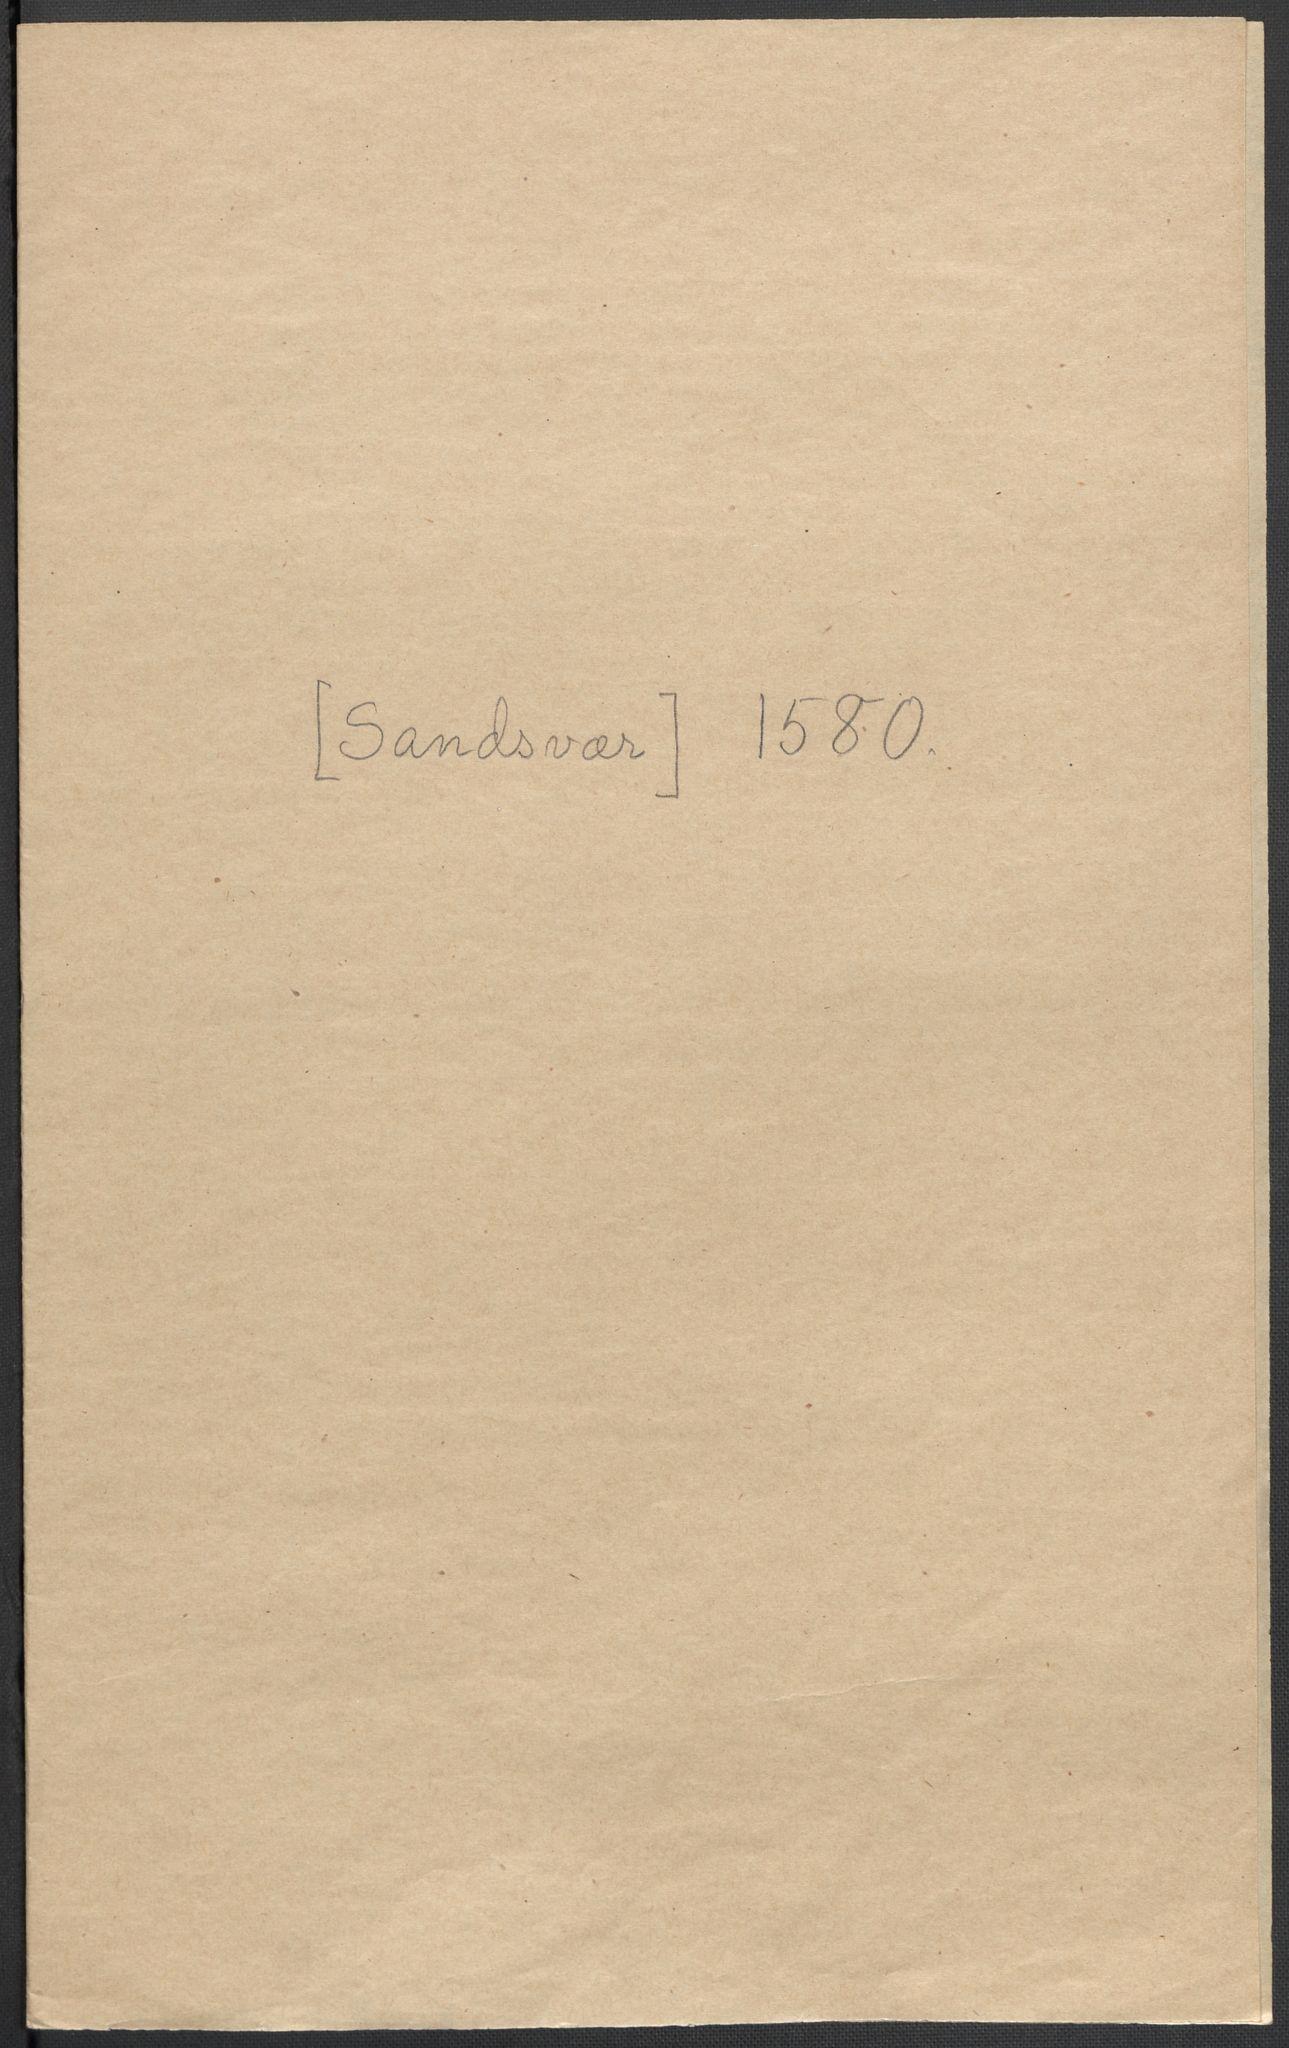 RA, Riksarkivets diplomsamling, F02/L0082: Dokumenter, 1580, s. 61